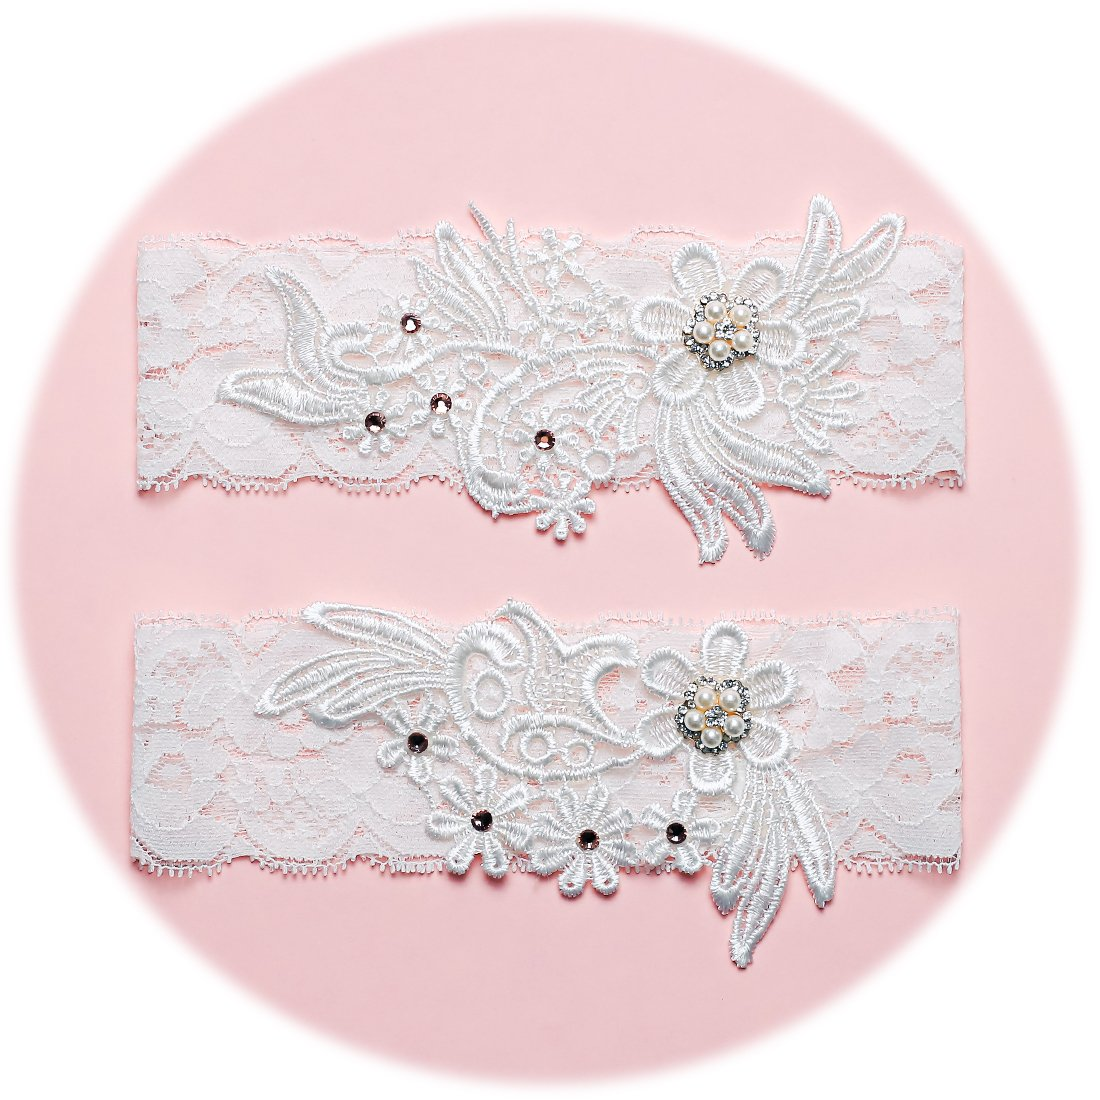 Slocyclub Lace Wedding Bridal Garter Pearl, Rhinestone Brides 70126000